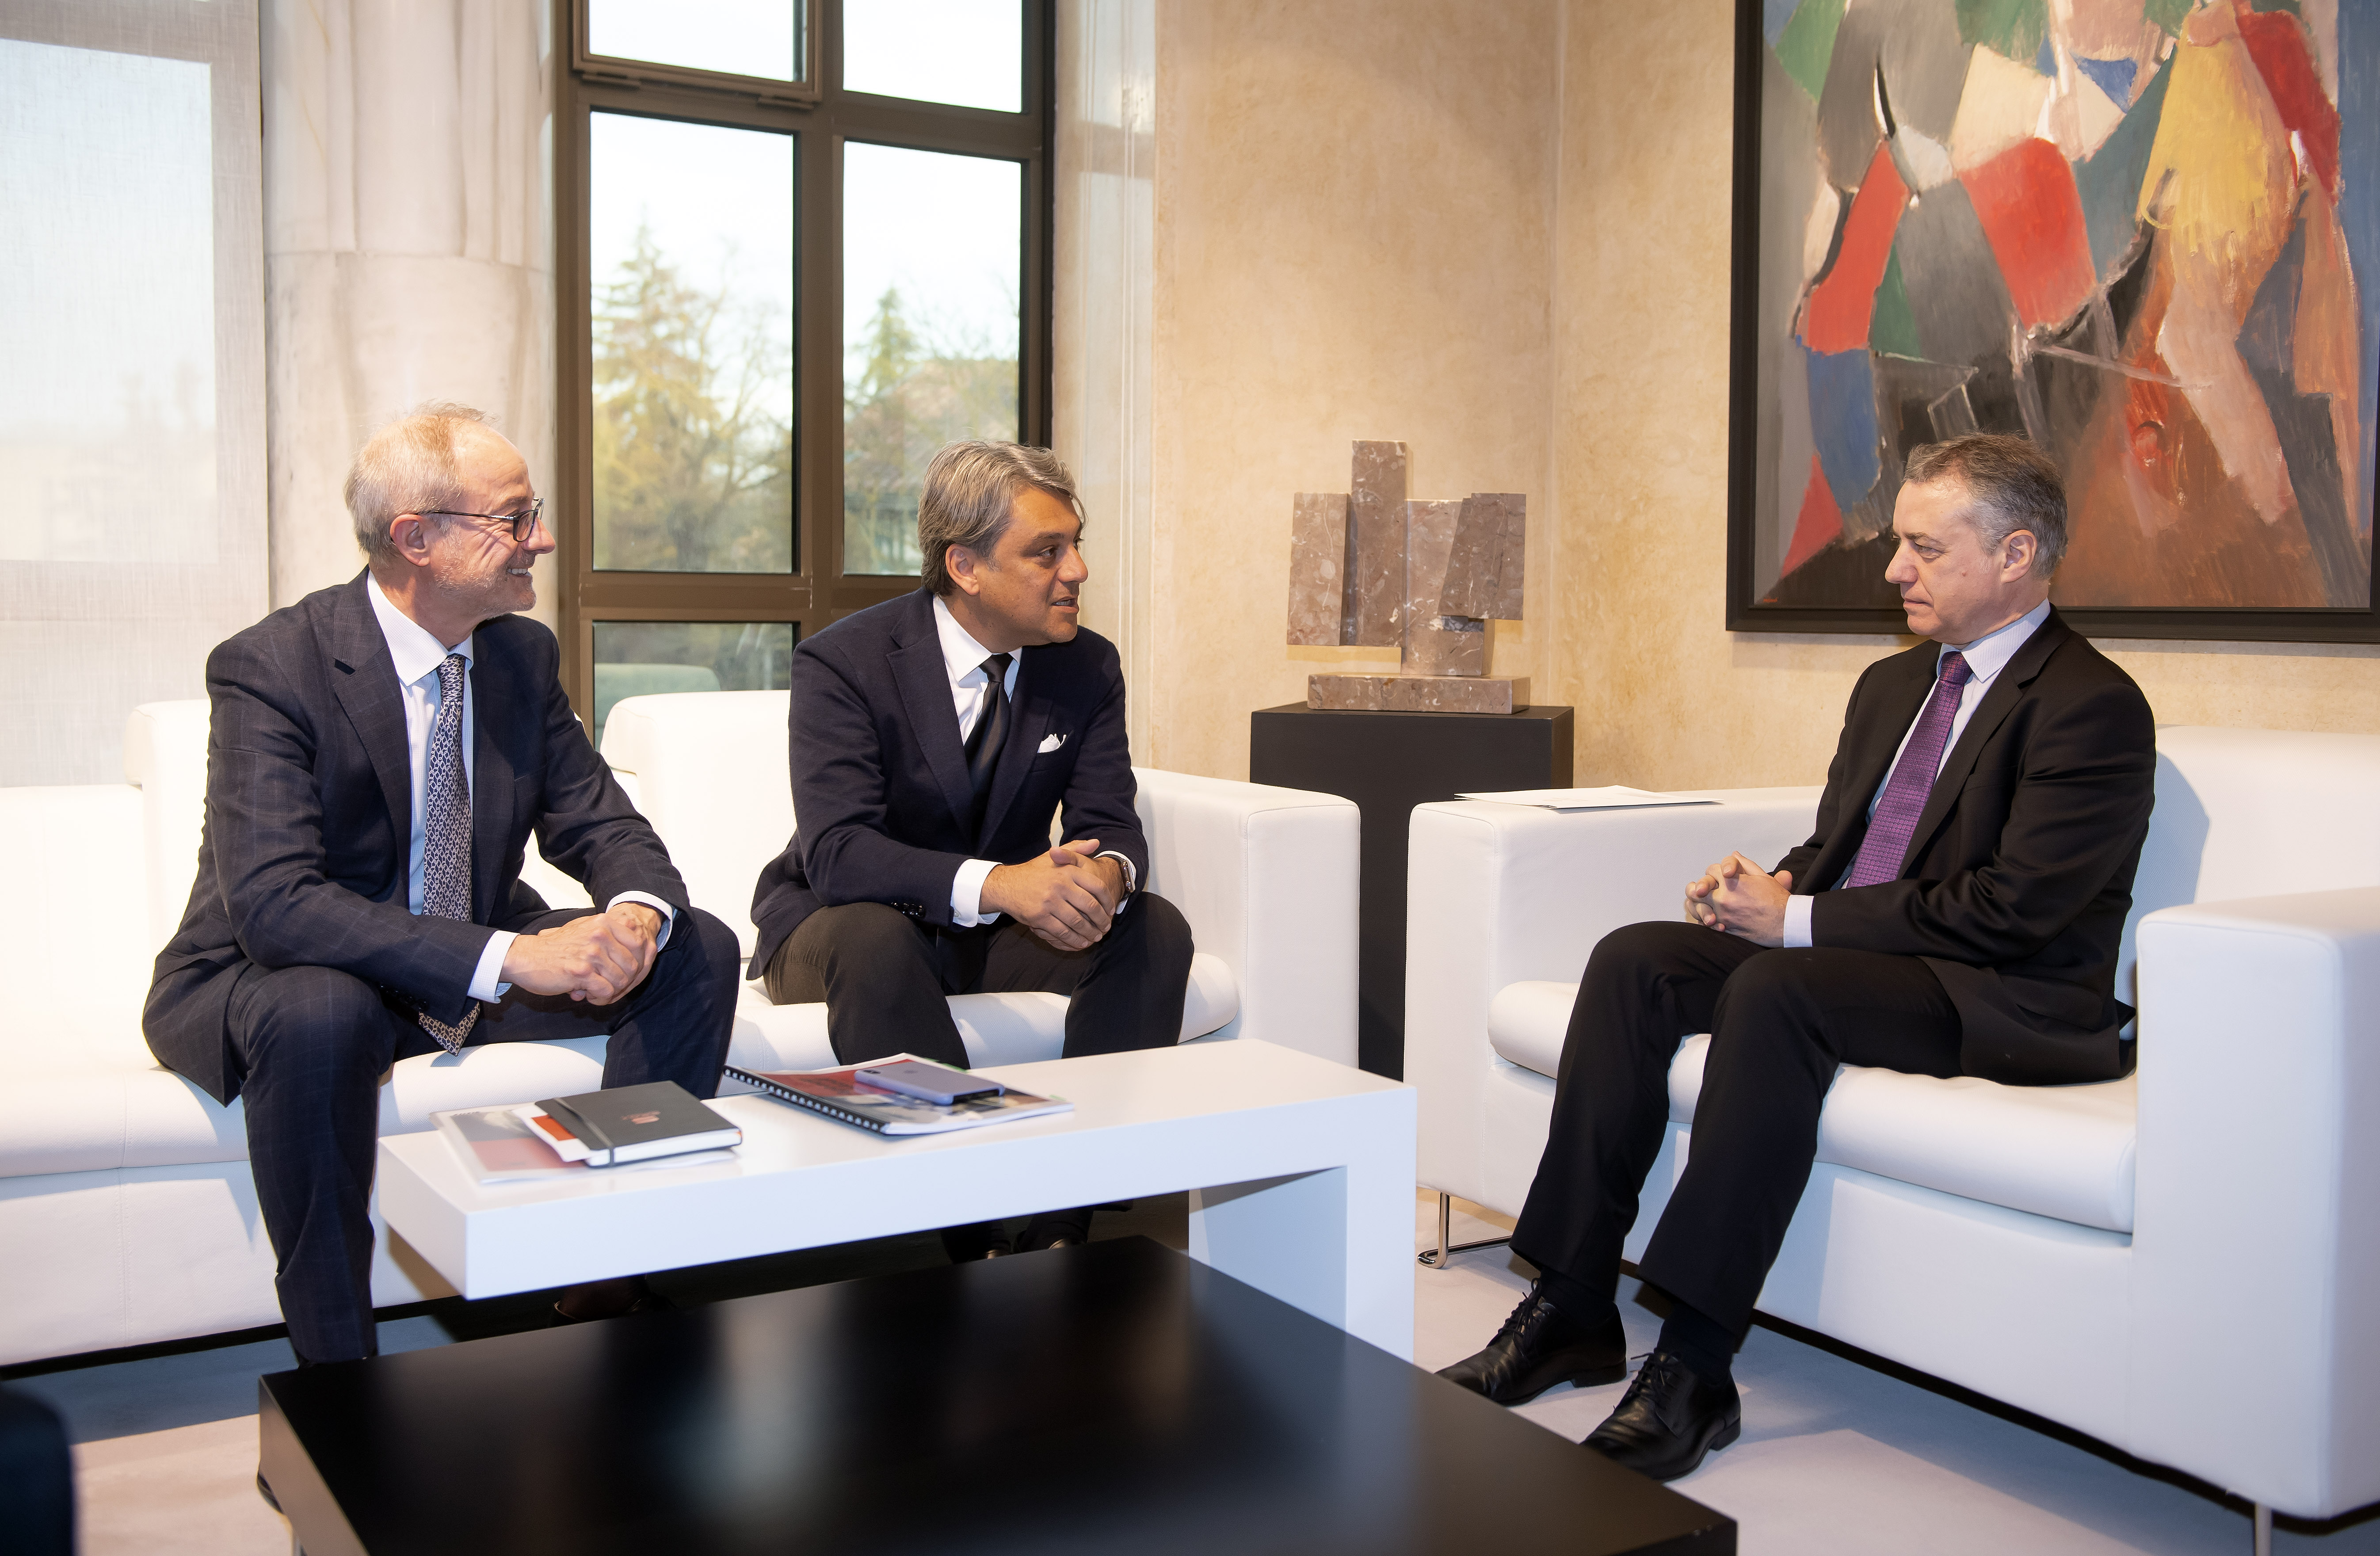 Lehendakariak Luca de Meo SEATenpresidente eta Espainiako Wolkswagen taldearen arduradun nagusia hartu du